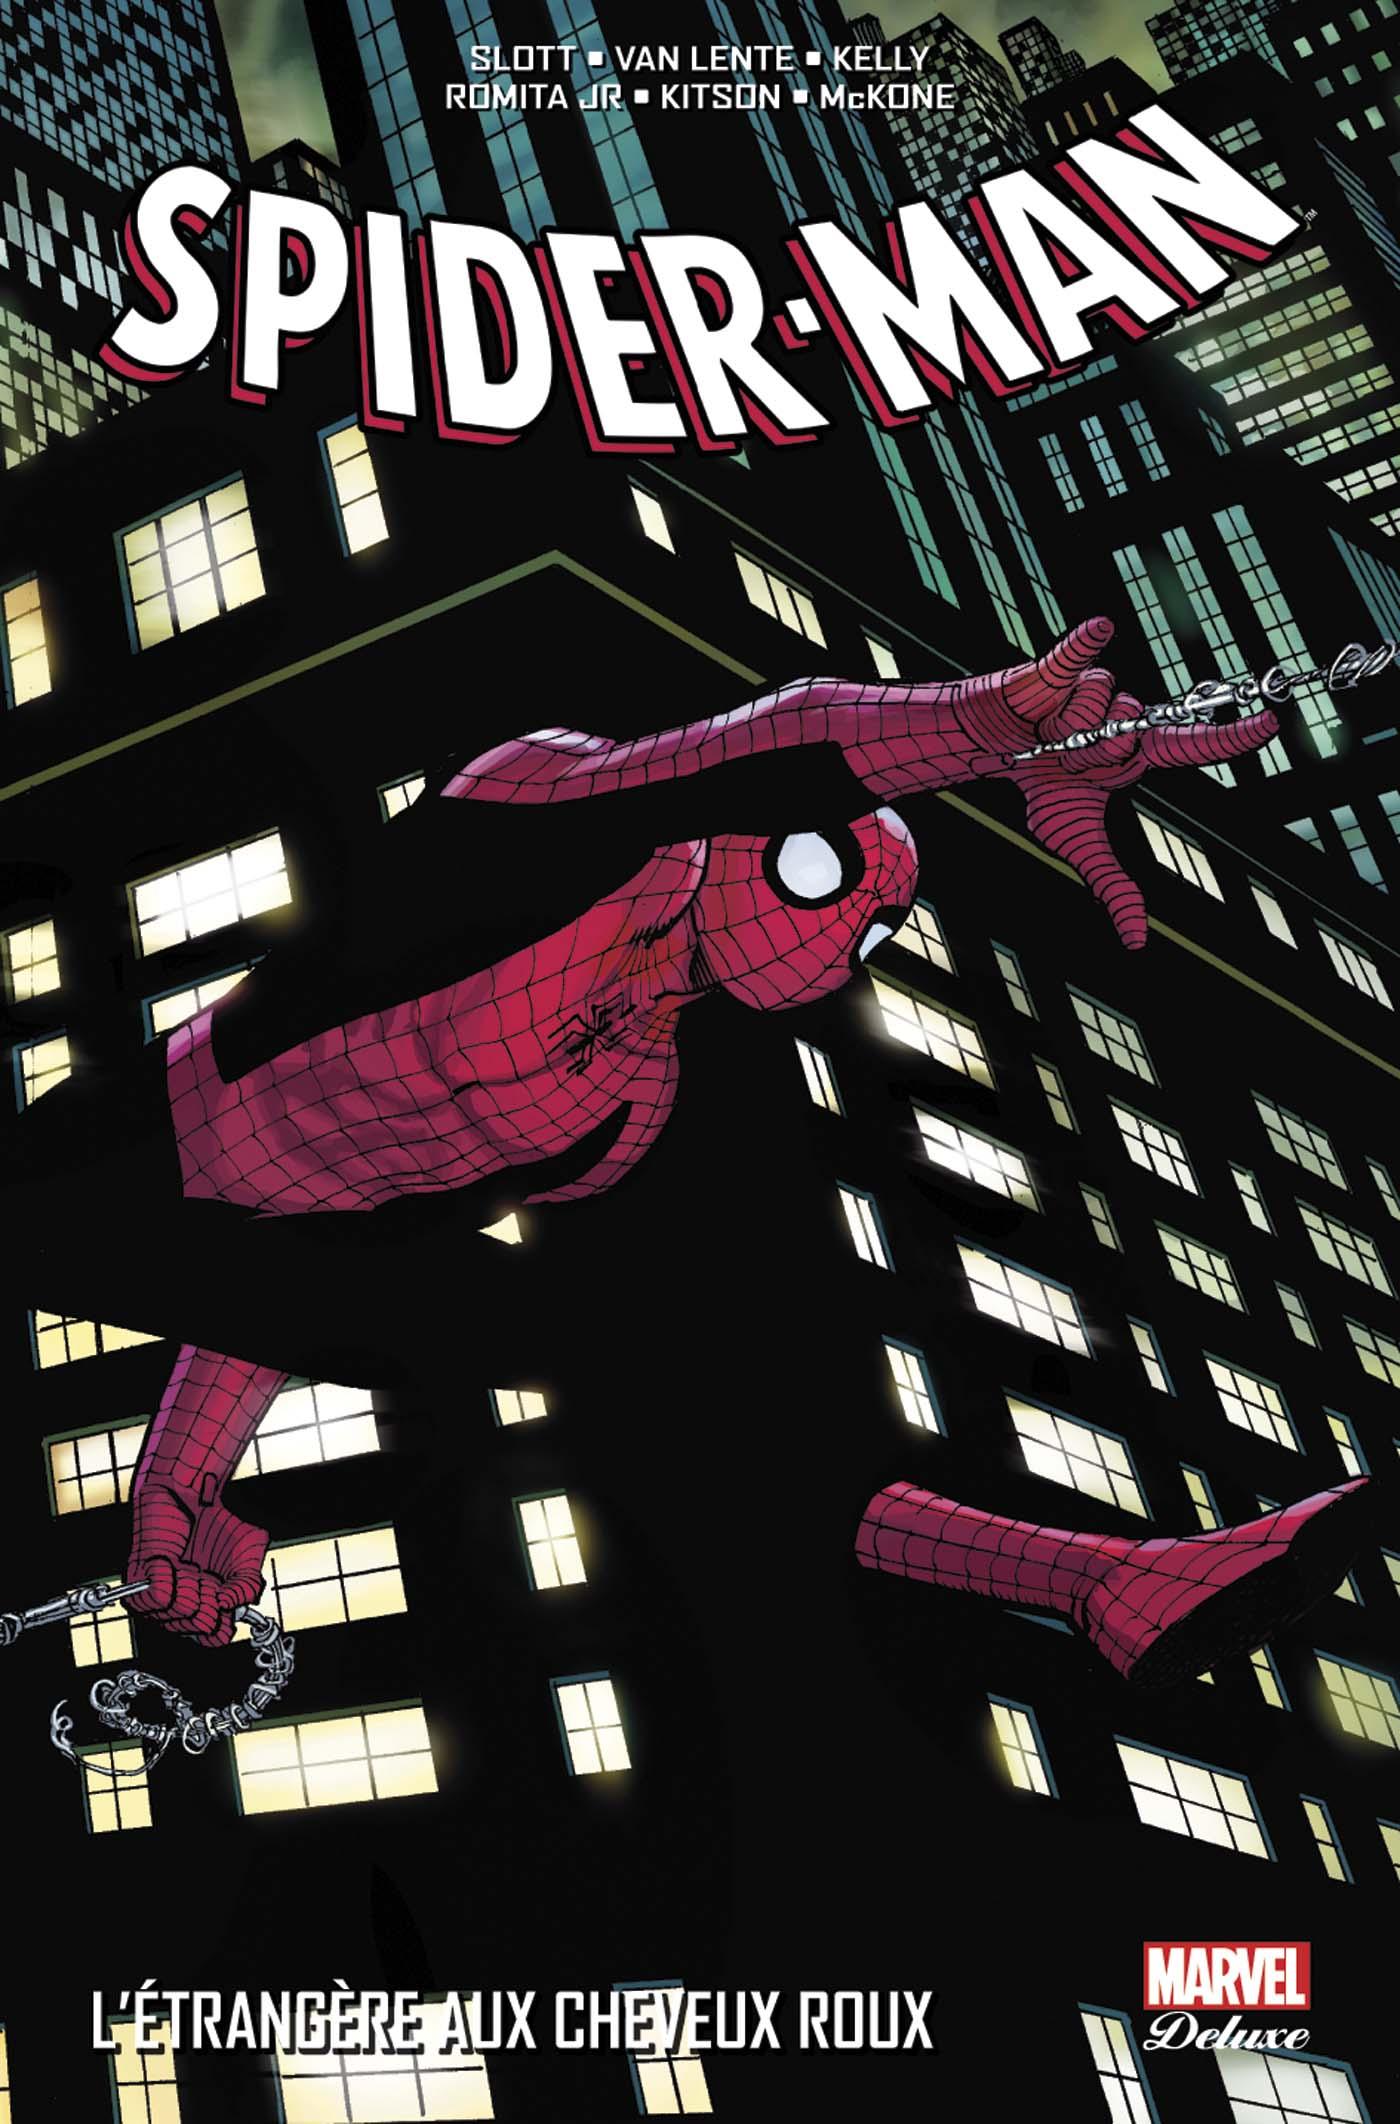 SPIDER-MAN – L'ETRANGERE AUX CHEVEUX ROUX